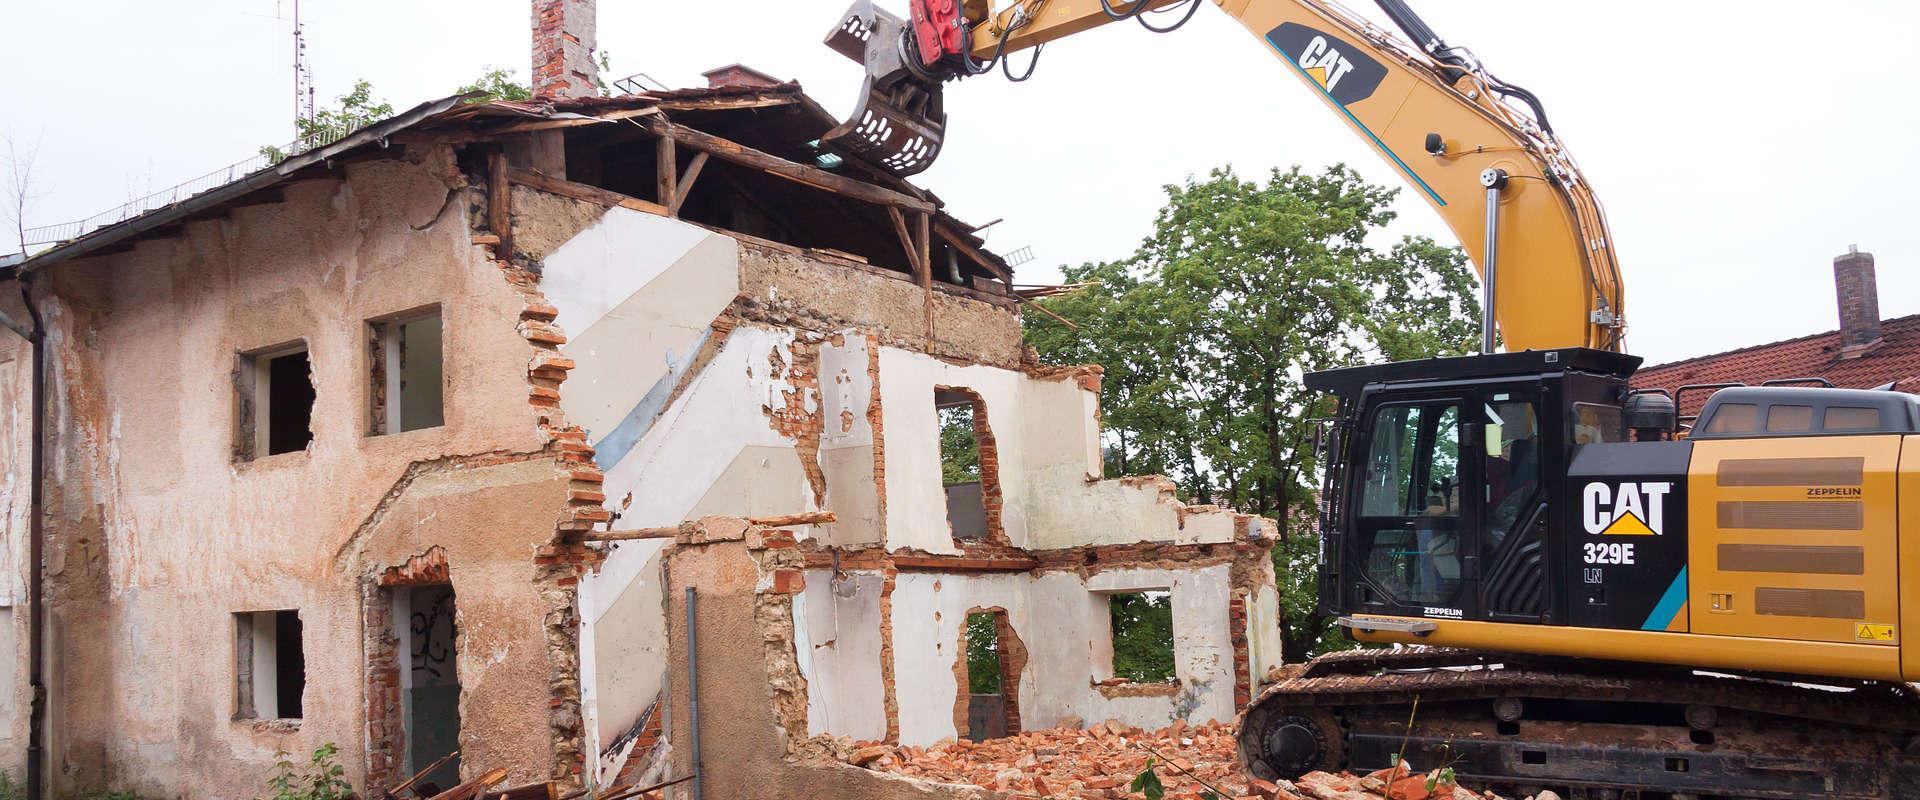 Prix pour démolition de maisons et bâtiments